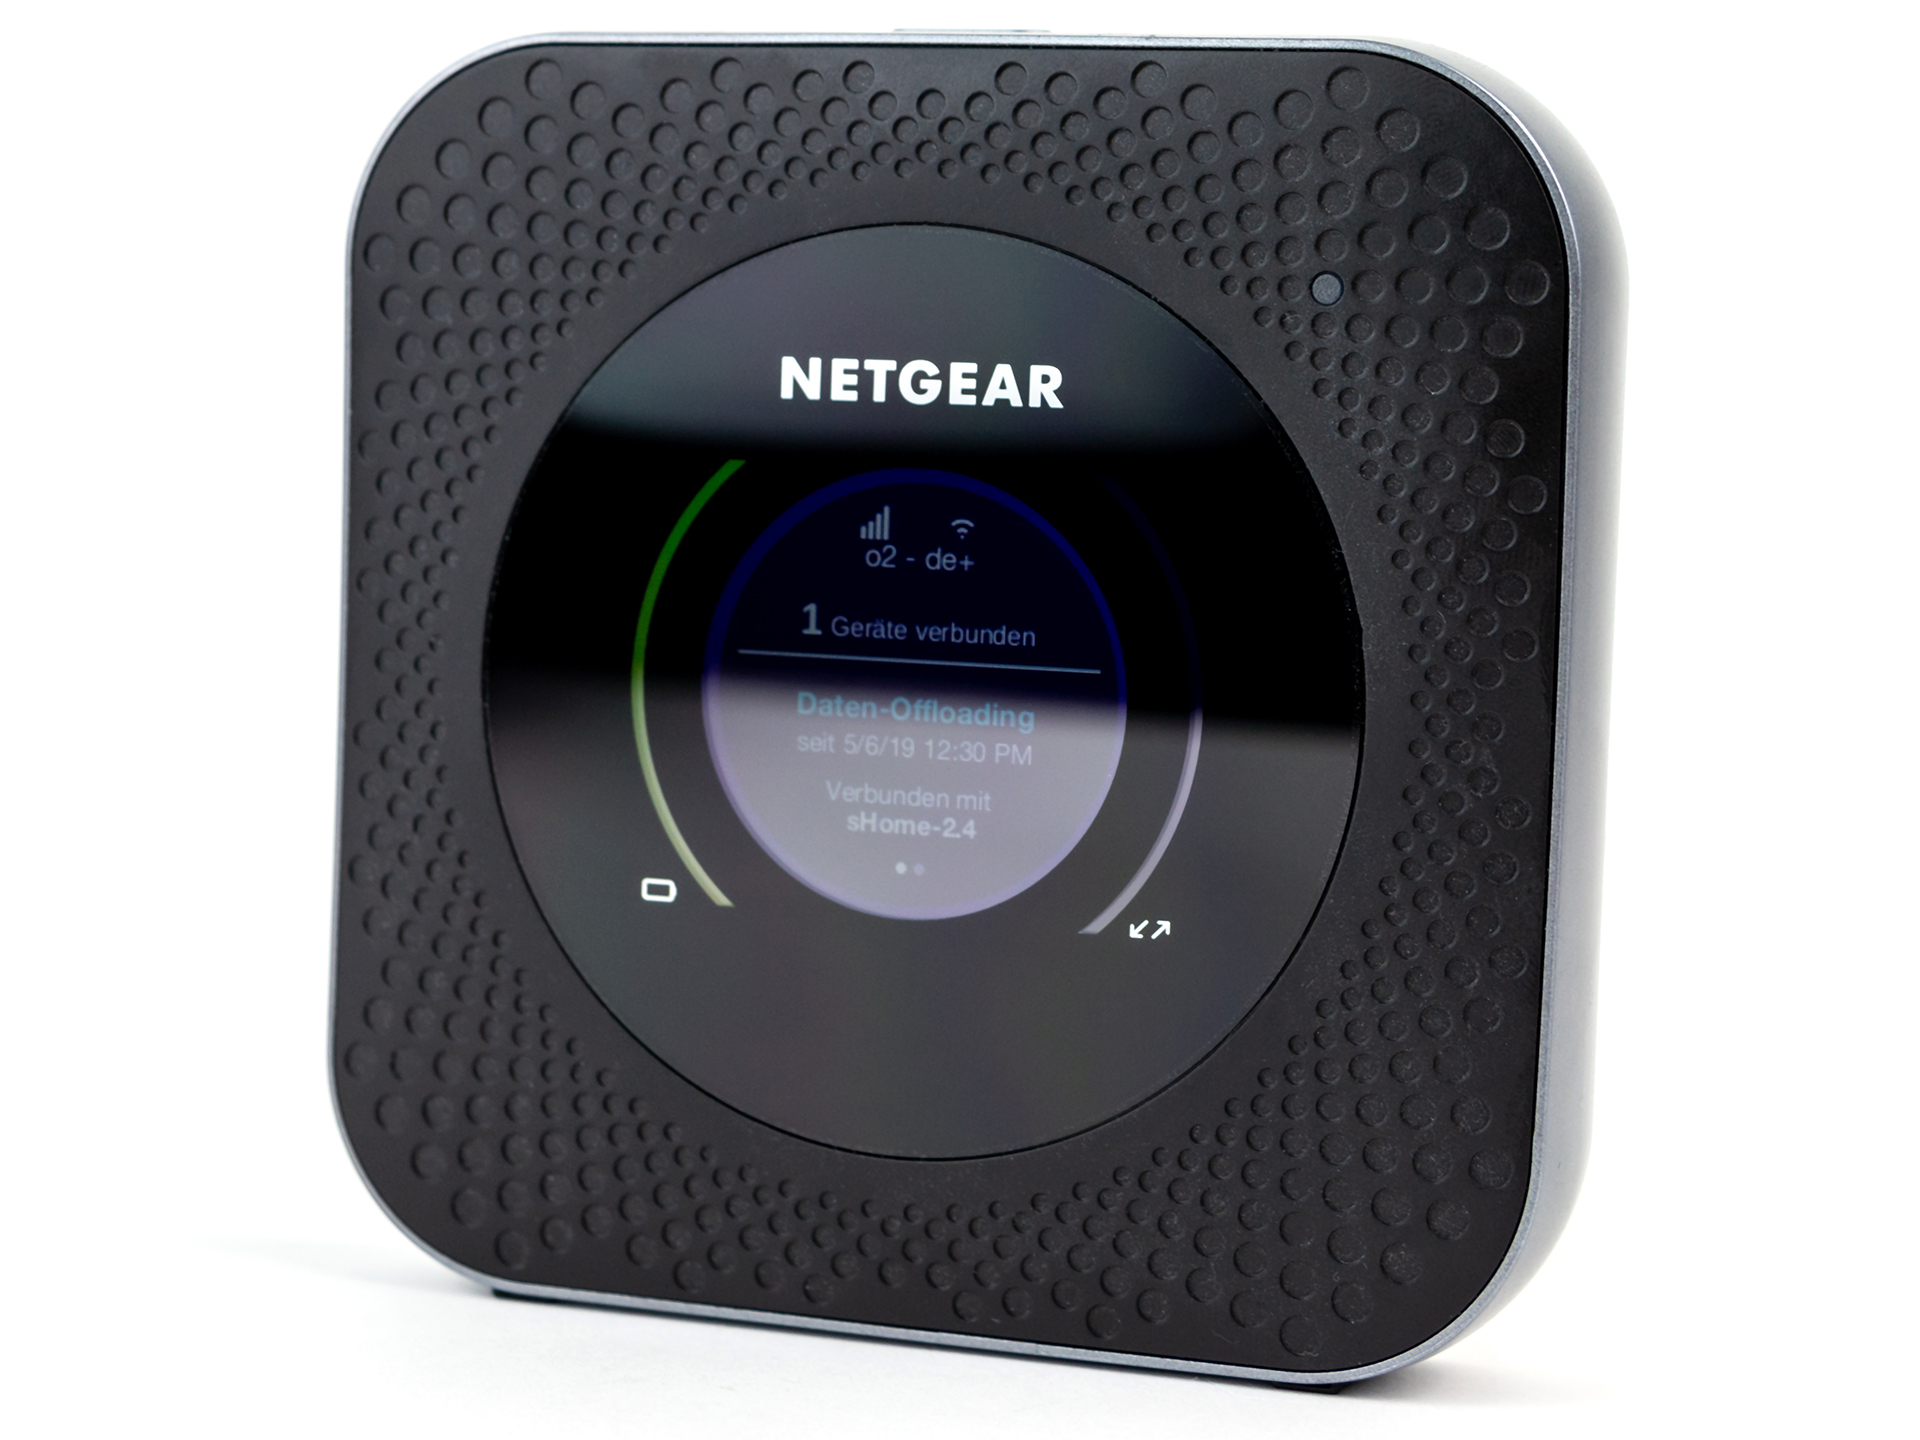 NETGEAR Nighthawk M1 Router Review - NotebookCheck net Reviews